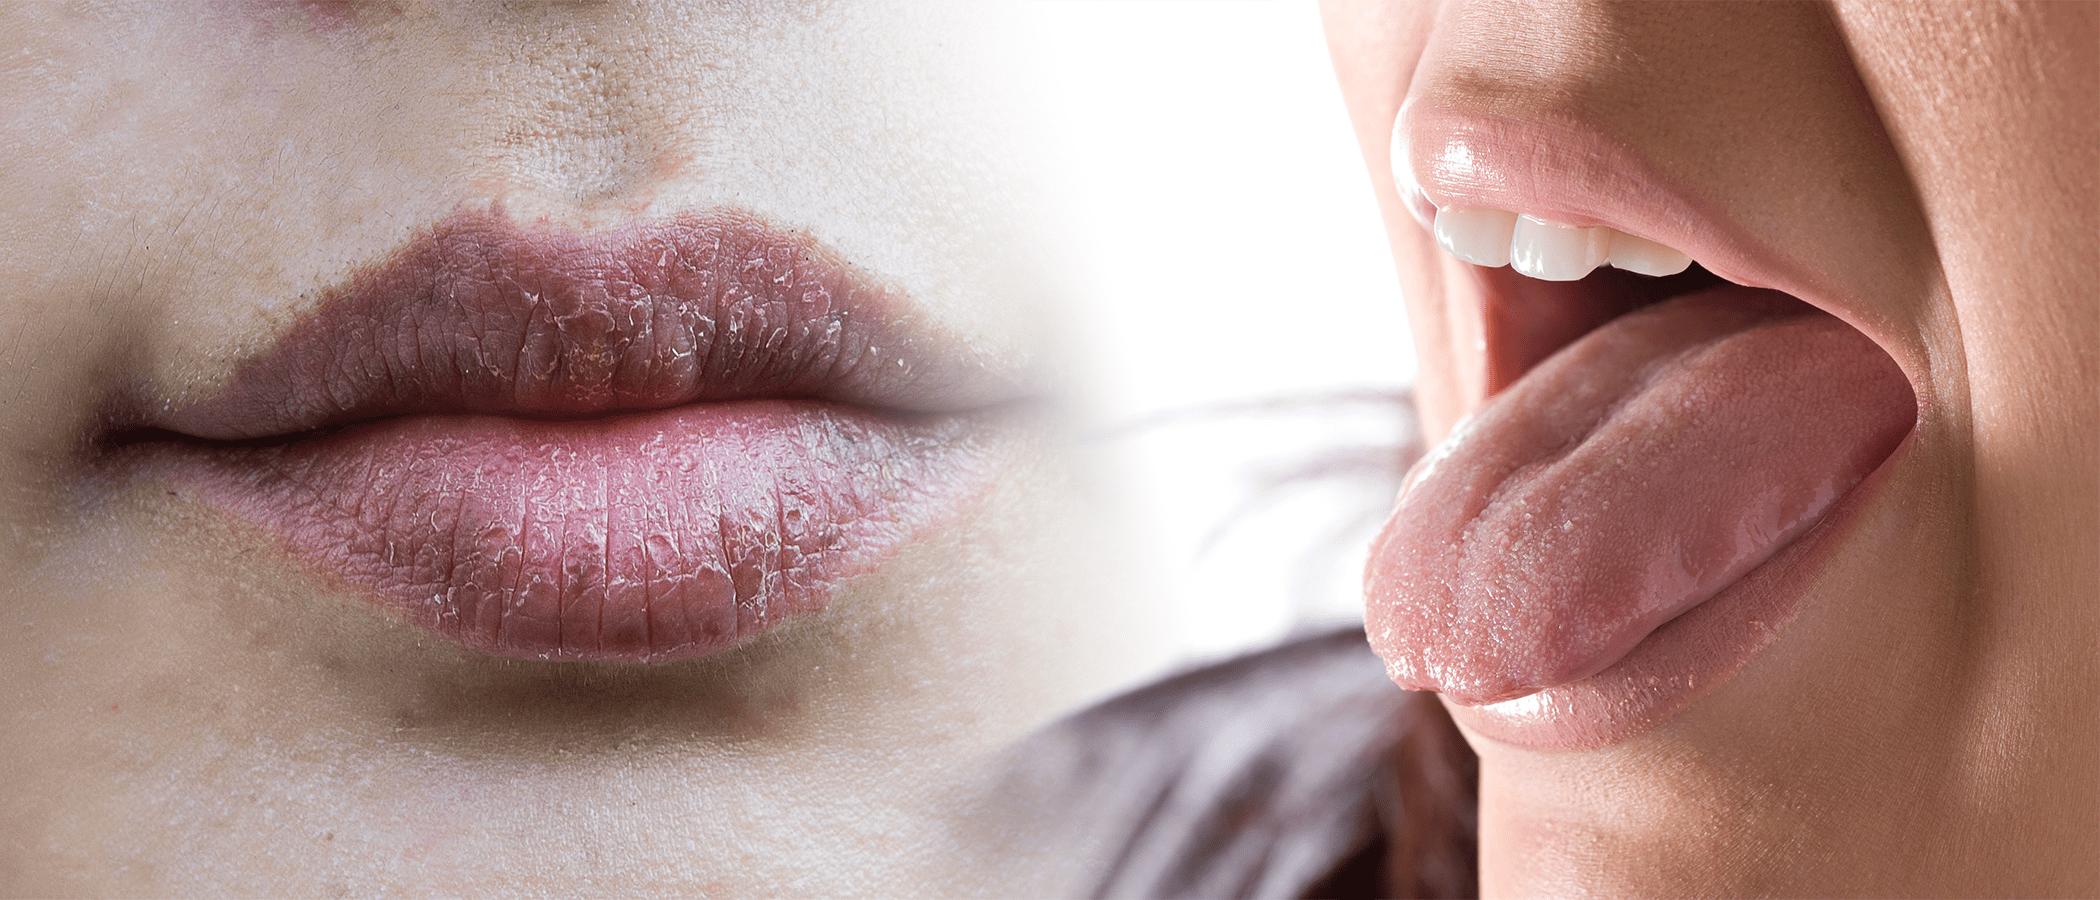 Устранение сухости во рту: 20 эффективных способов избавиться от сухости во рту